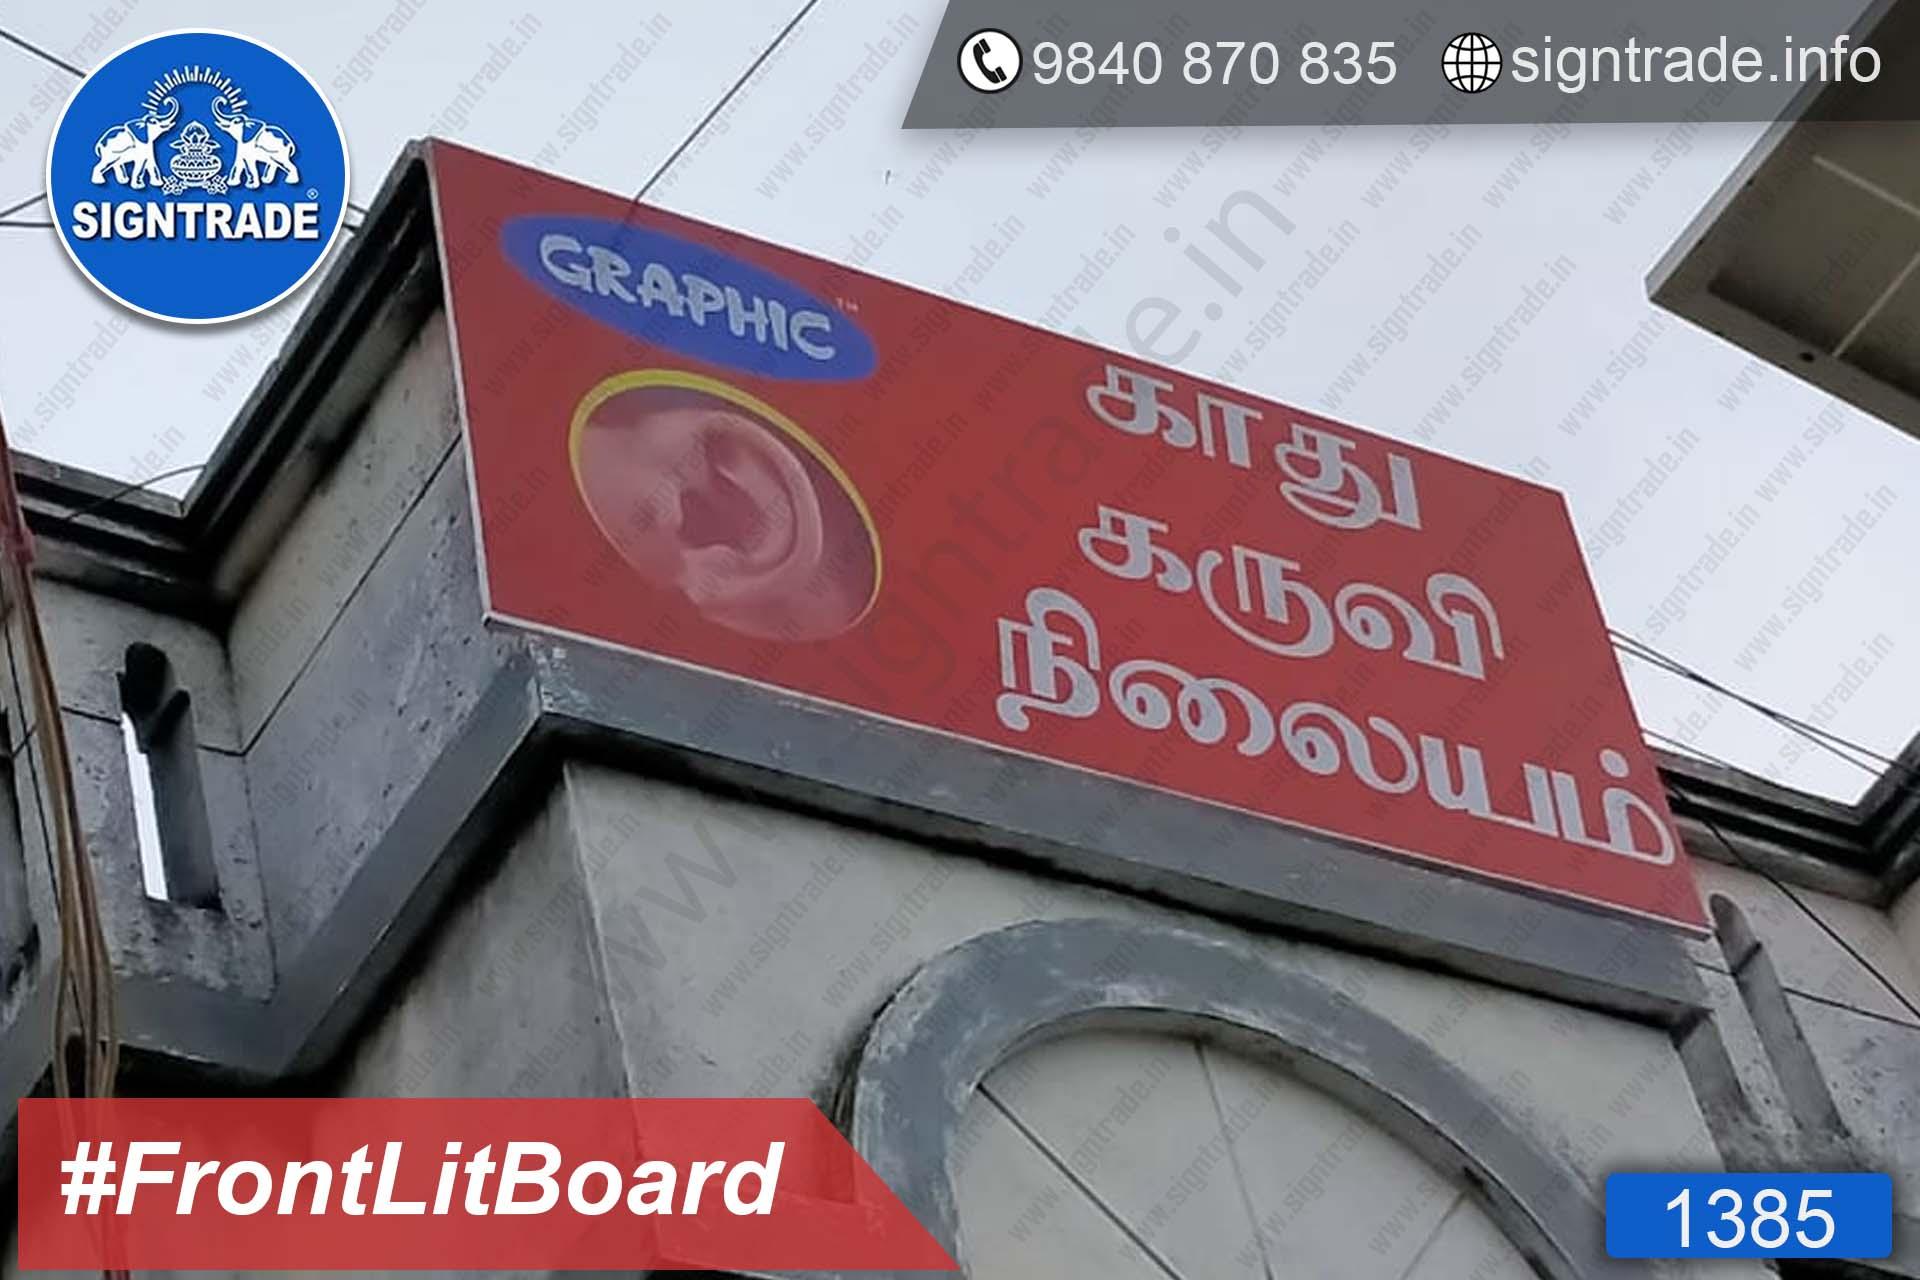 Graphic Hearing Aids, Nanganallur, Chennai - 1385, Flex Board, Frontlit Flex Board, Star Frontlit Flex Board, Frontlit Flex Banners, Shop Front Flex Board, Shop Flex Board